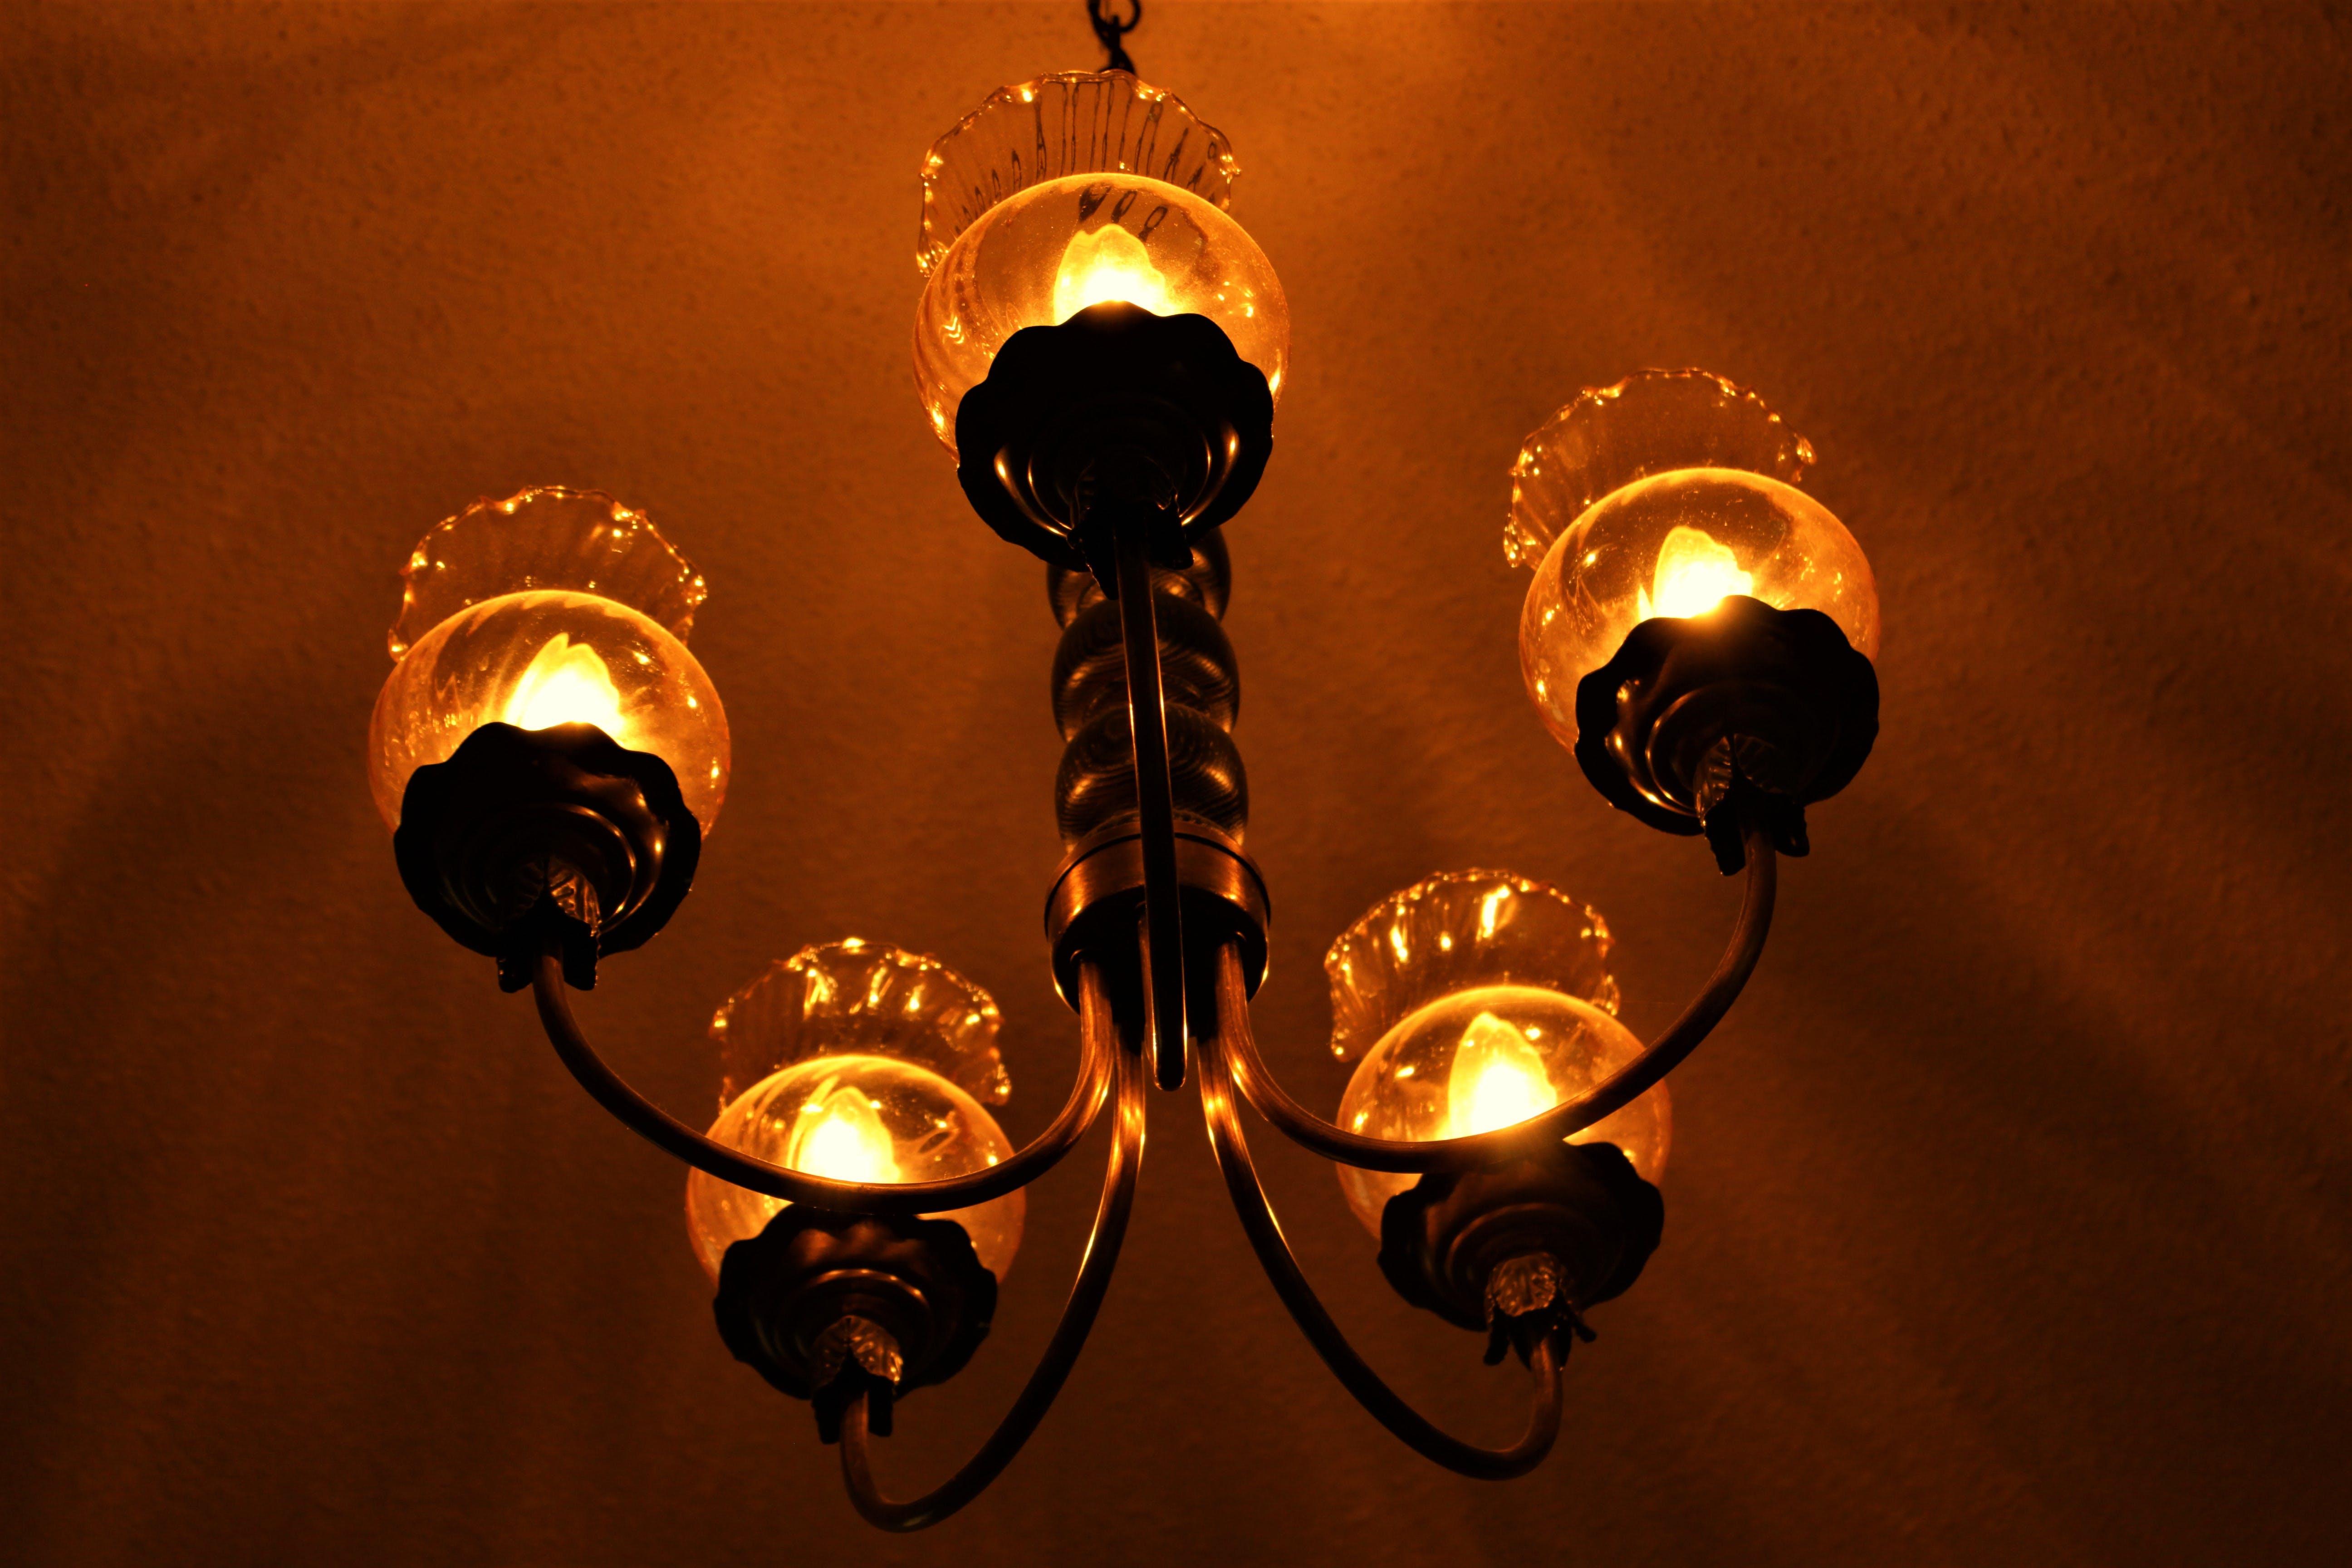 Δωρεάν στοκ φωτογραφιών με αντικείμενο, ελαφρύς, πολυέλαιος, φώτα